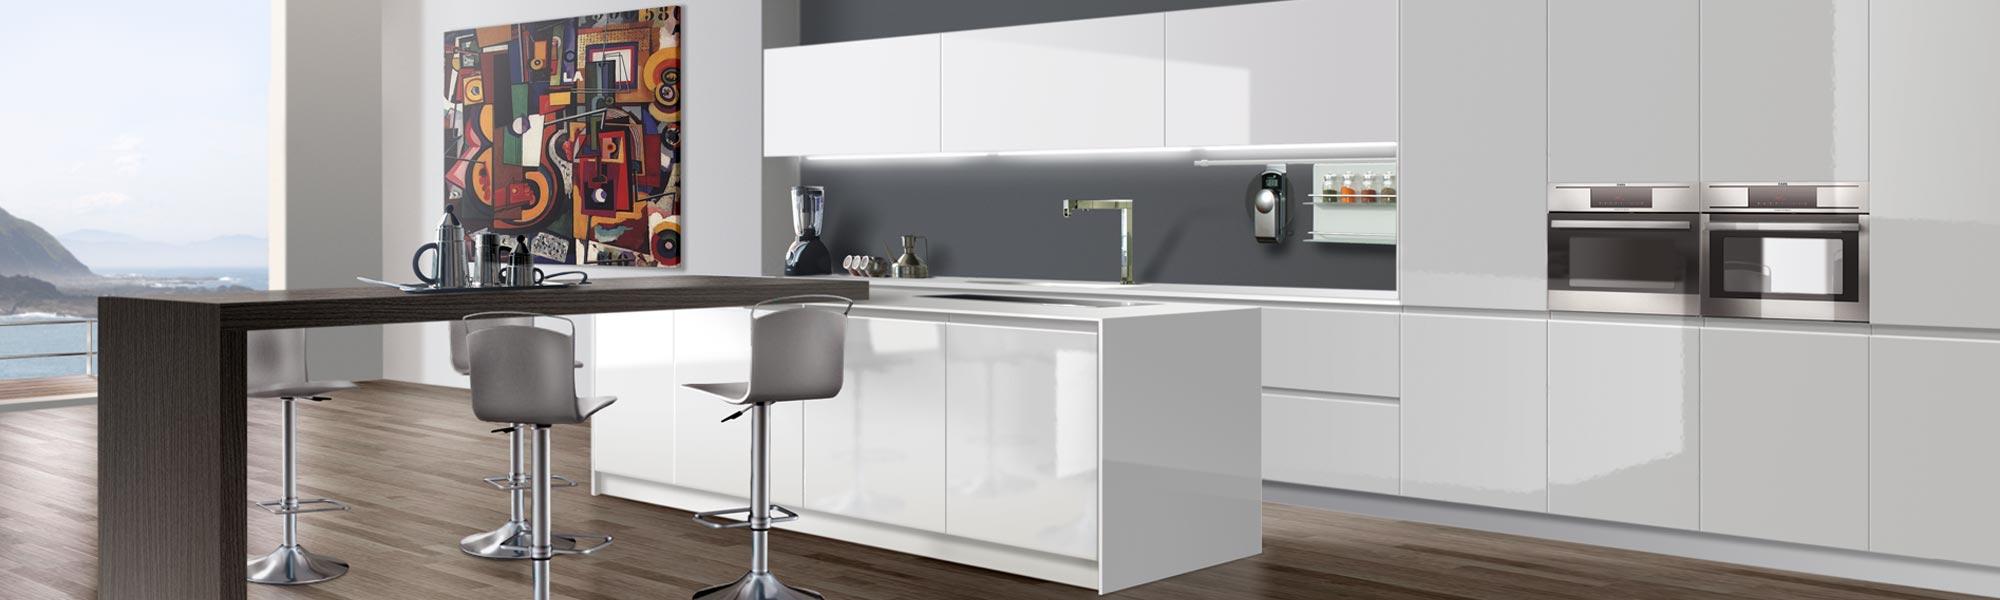 Consejos de un dise ador de cocinas para una cocina moderna - Disenador de cocinas ...